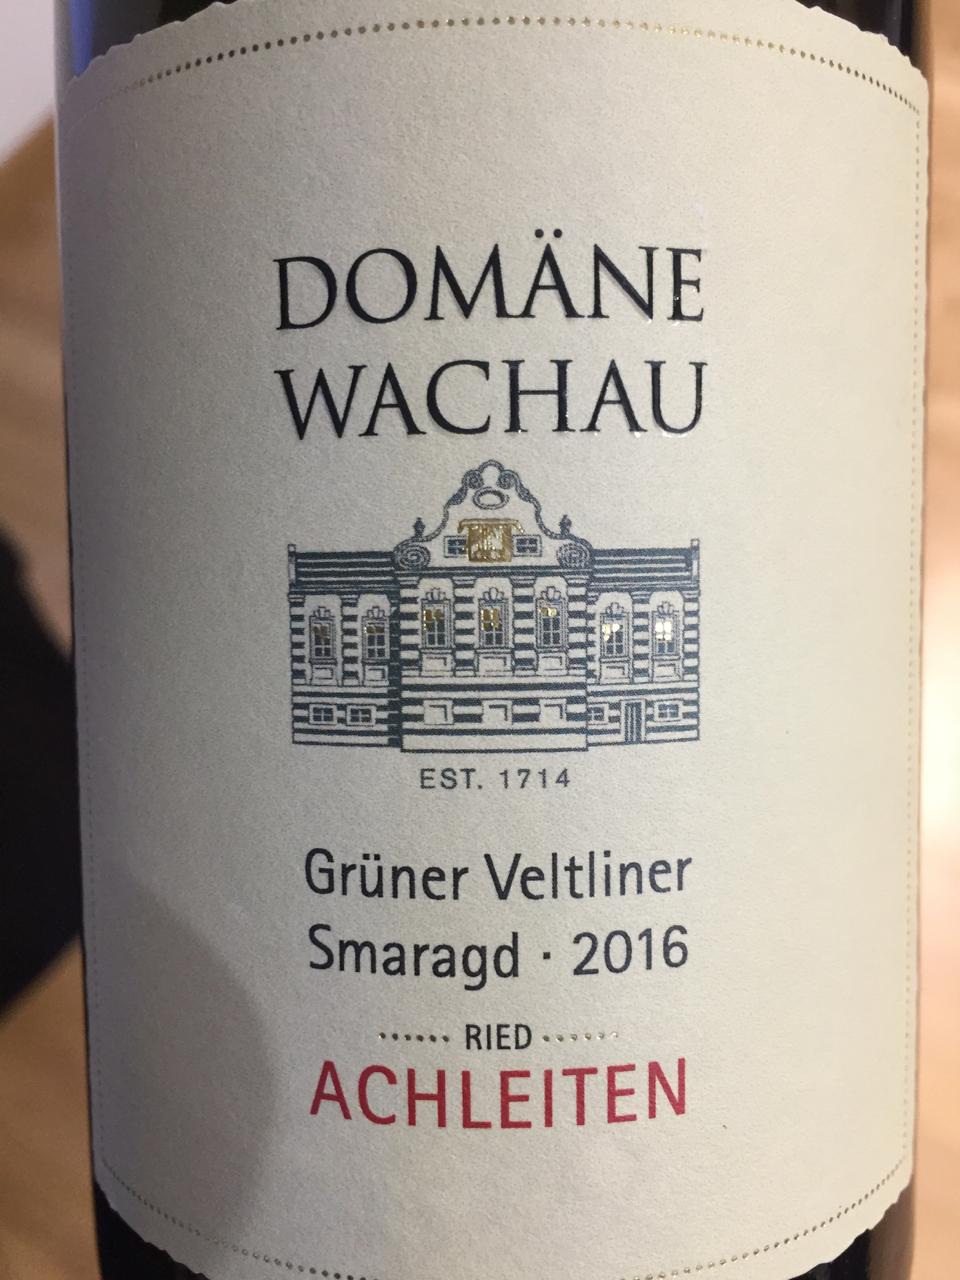 Grüner Veltliner (11).jpg